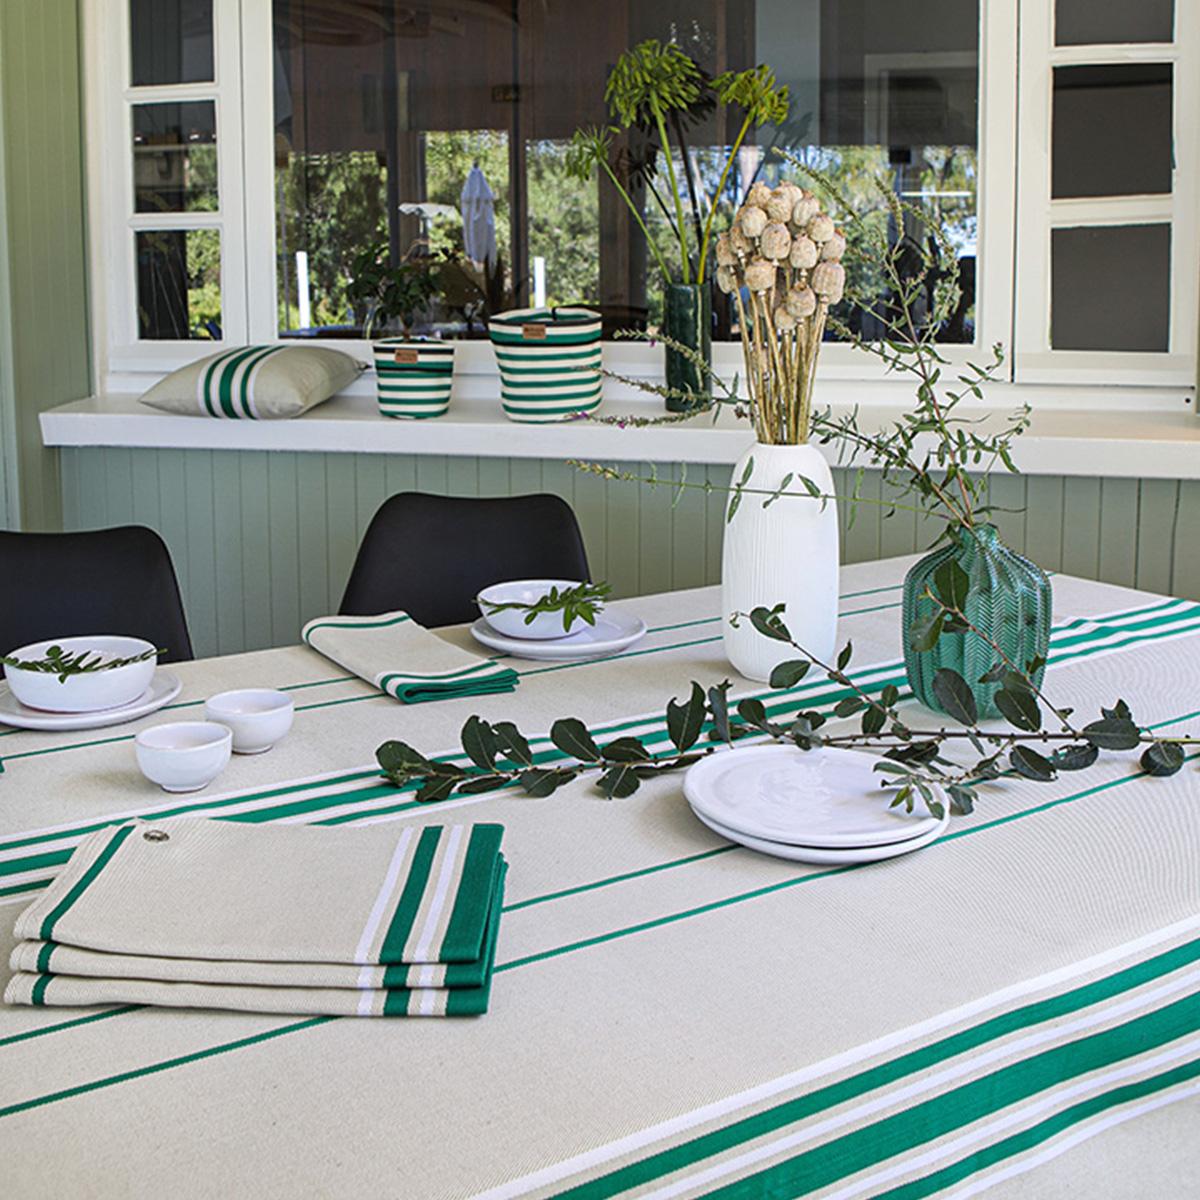 Nappe 12 couverts en coton vert 350x170cm